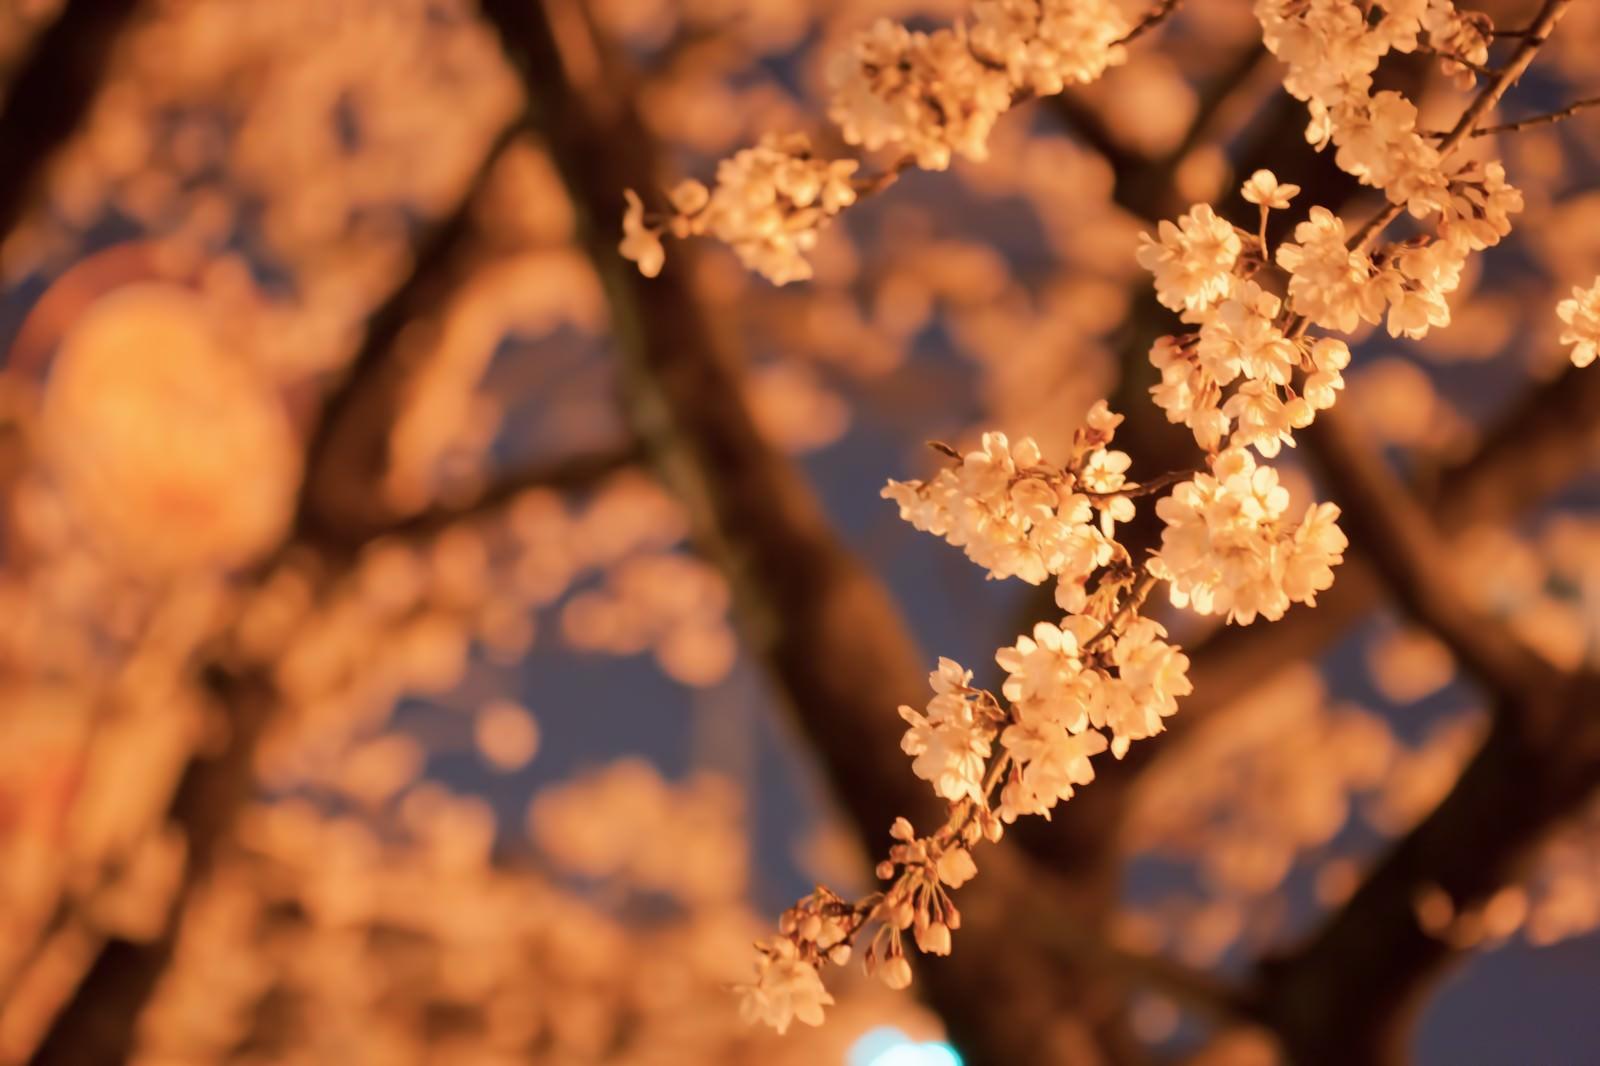 「オレンジ色の光と夜桜」の写真